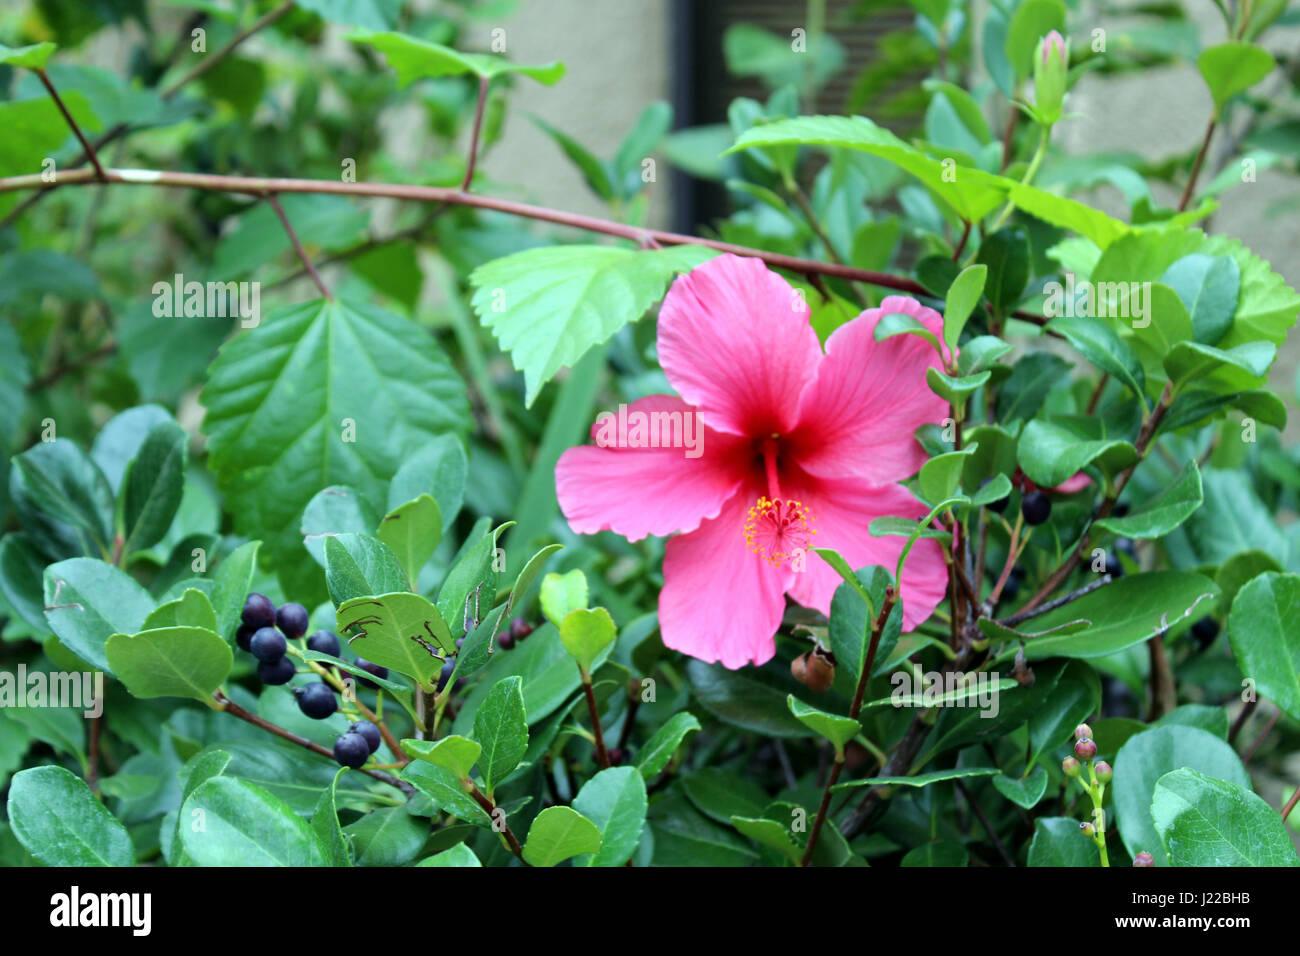 Pink Hibiscus Flower In Garden Stock Photos & Pink Hibiscus Flower ...